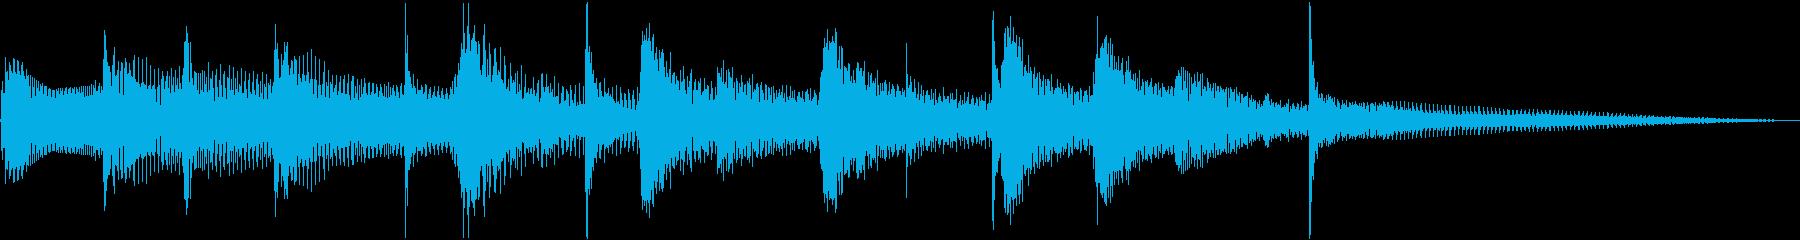 中近東系音源の再生済みの波形